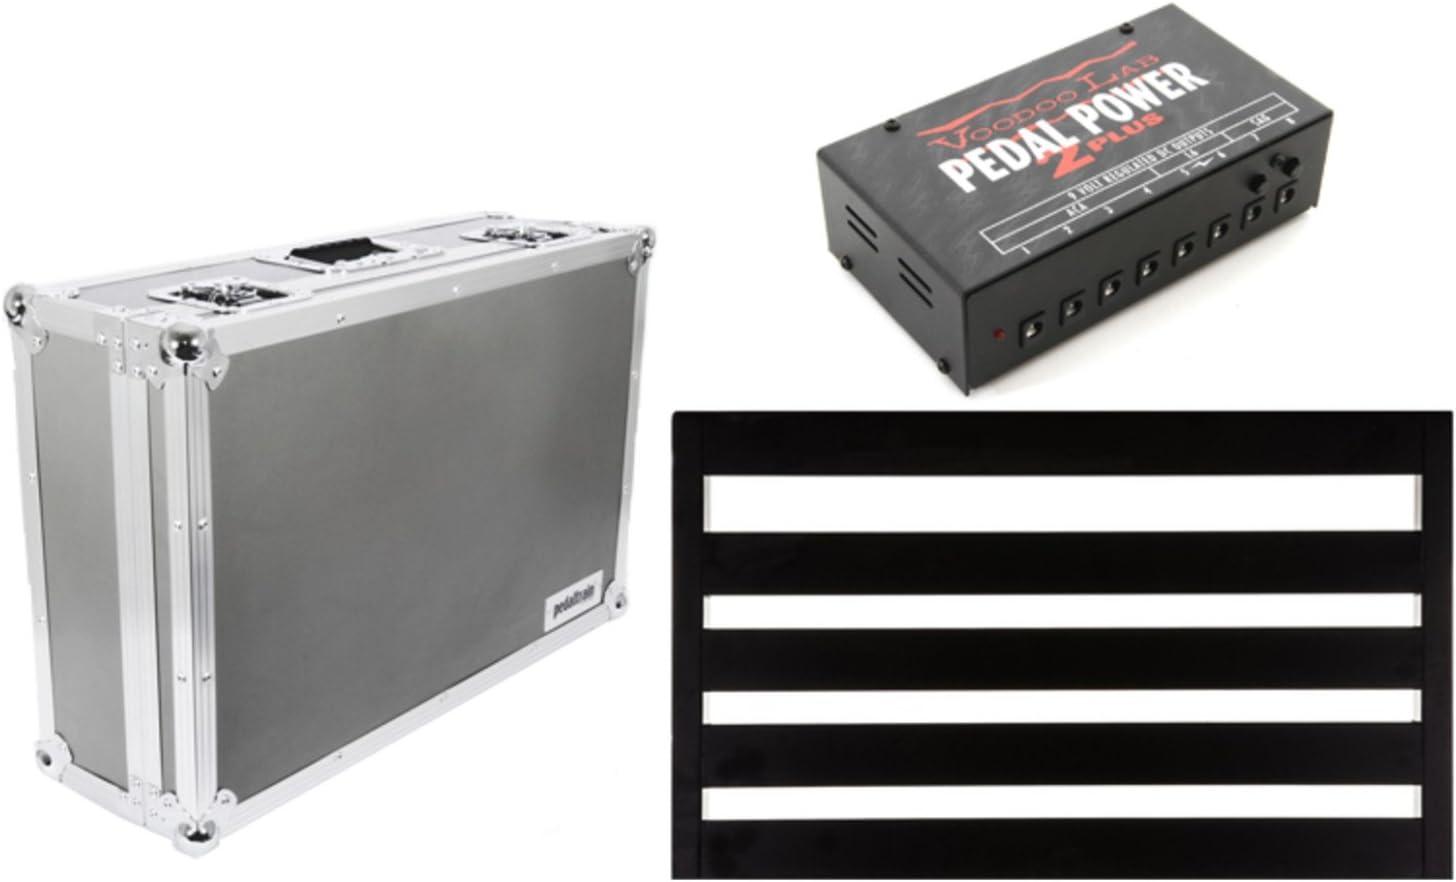 Pedaltrain NOVO 24 5-RAIL 24 x 14.5 PEDALBOARD w//Tour Case and Voodoo Lab Peda